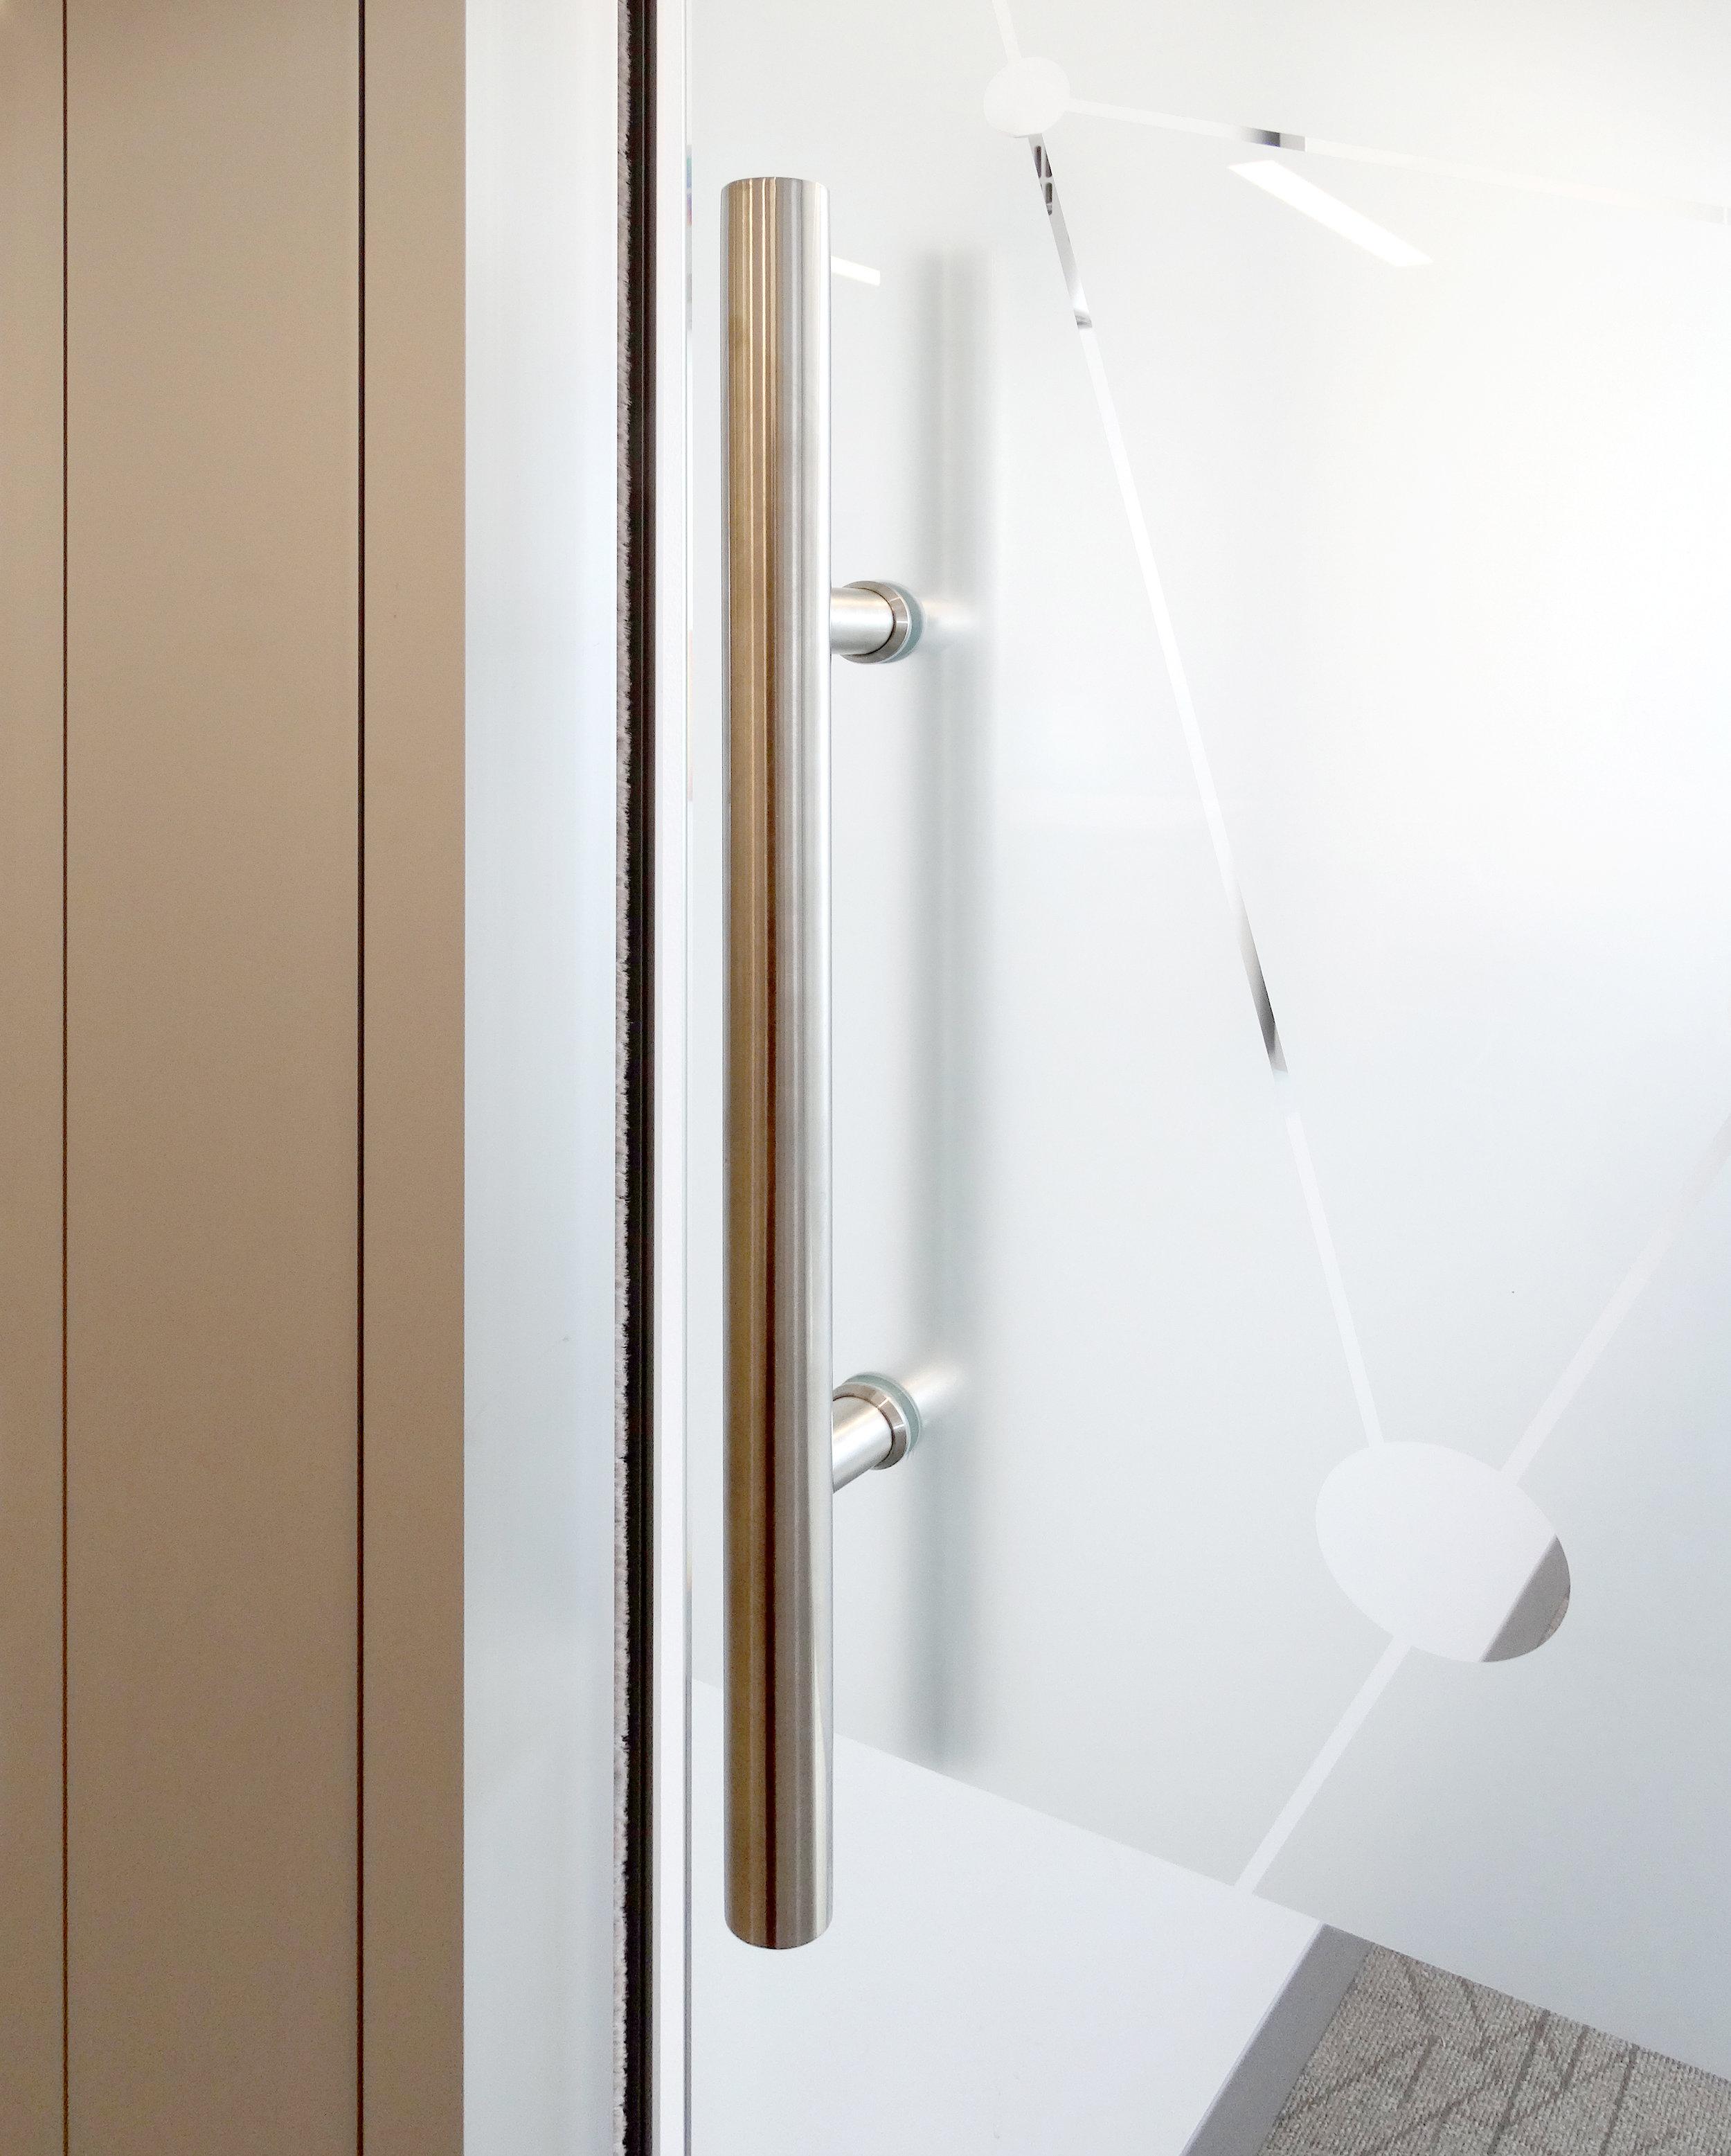 Litespace Satin Stainless Ladder Pull Frameless Glass Door - Spaceworks AI.jpg